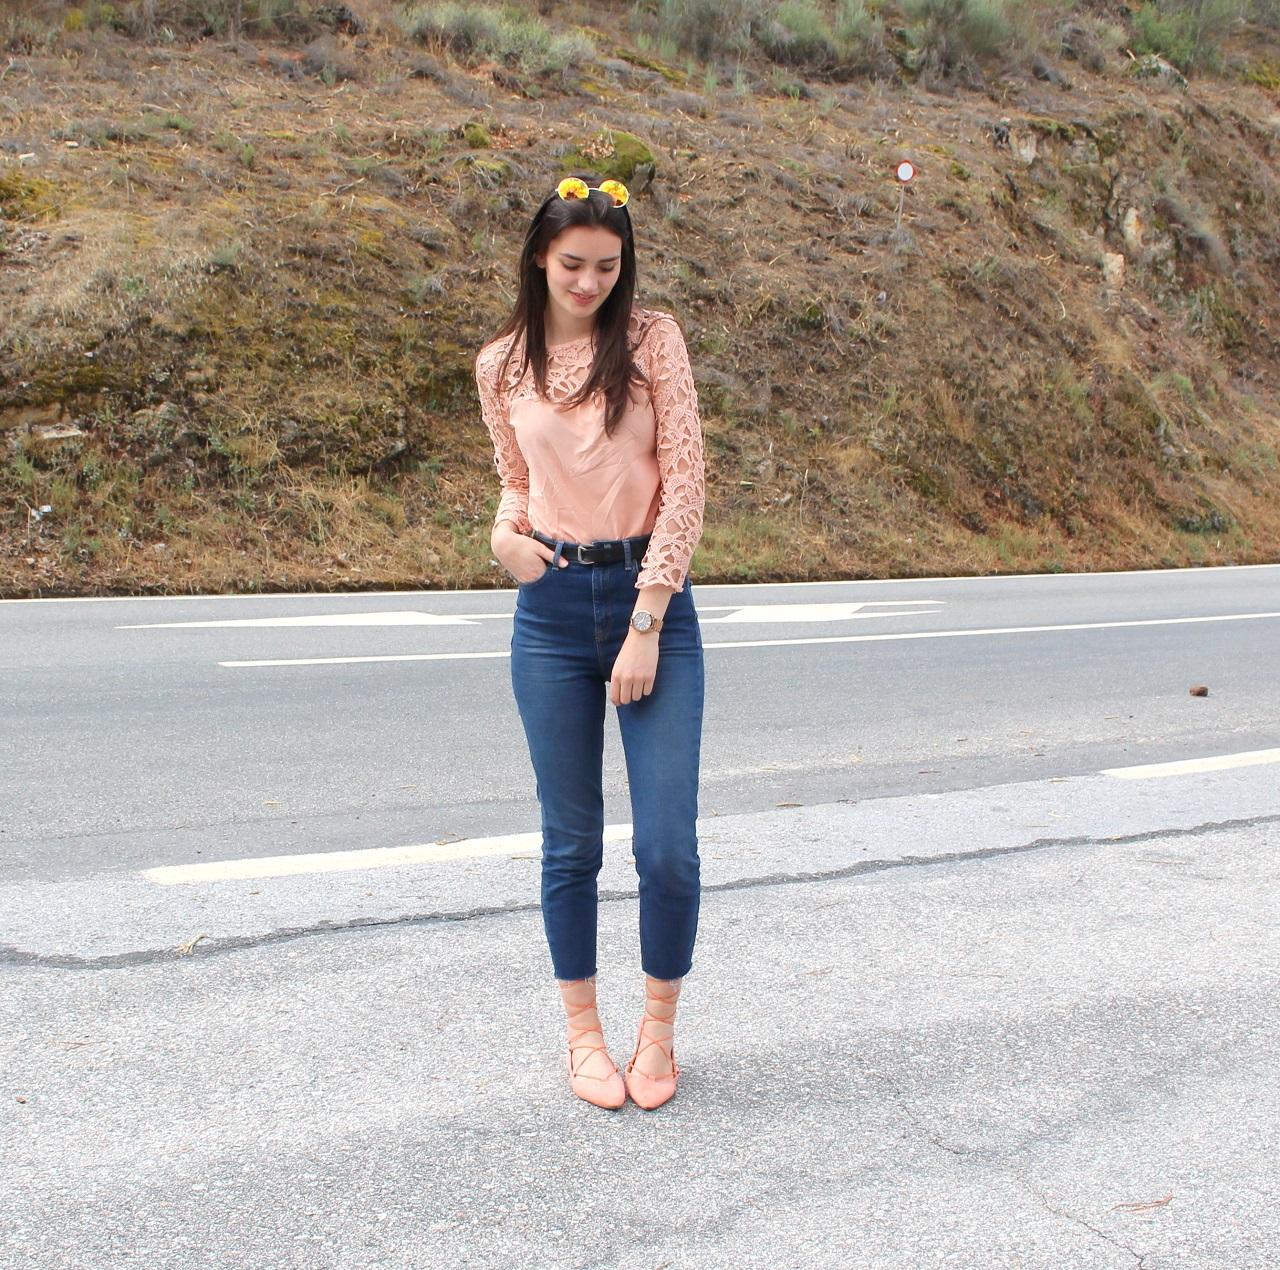 Topshop Binx Jeans